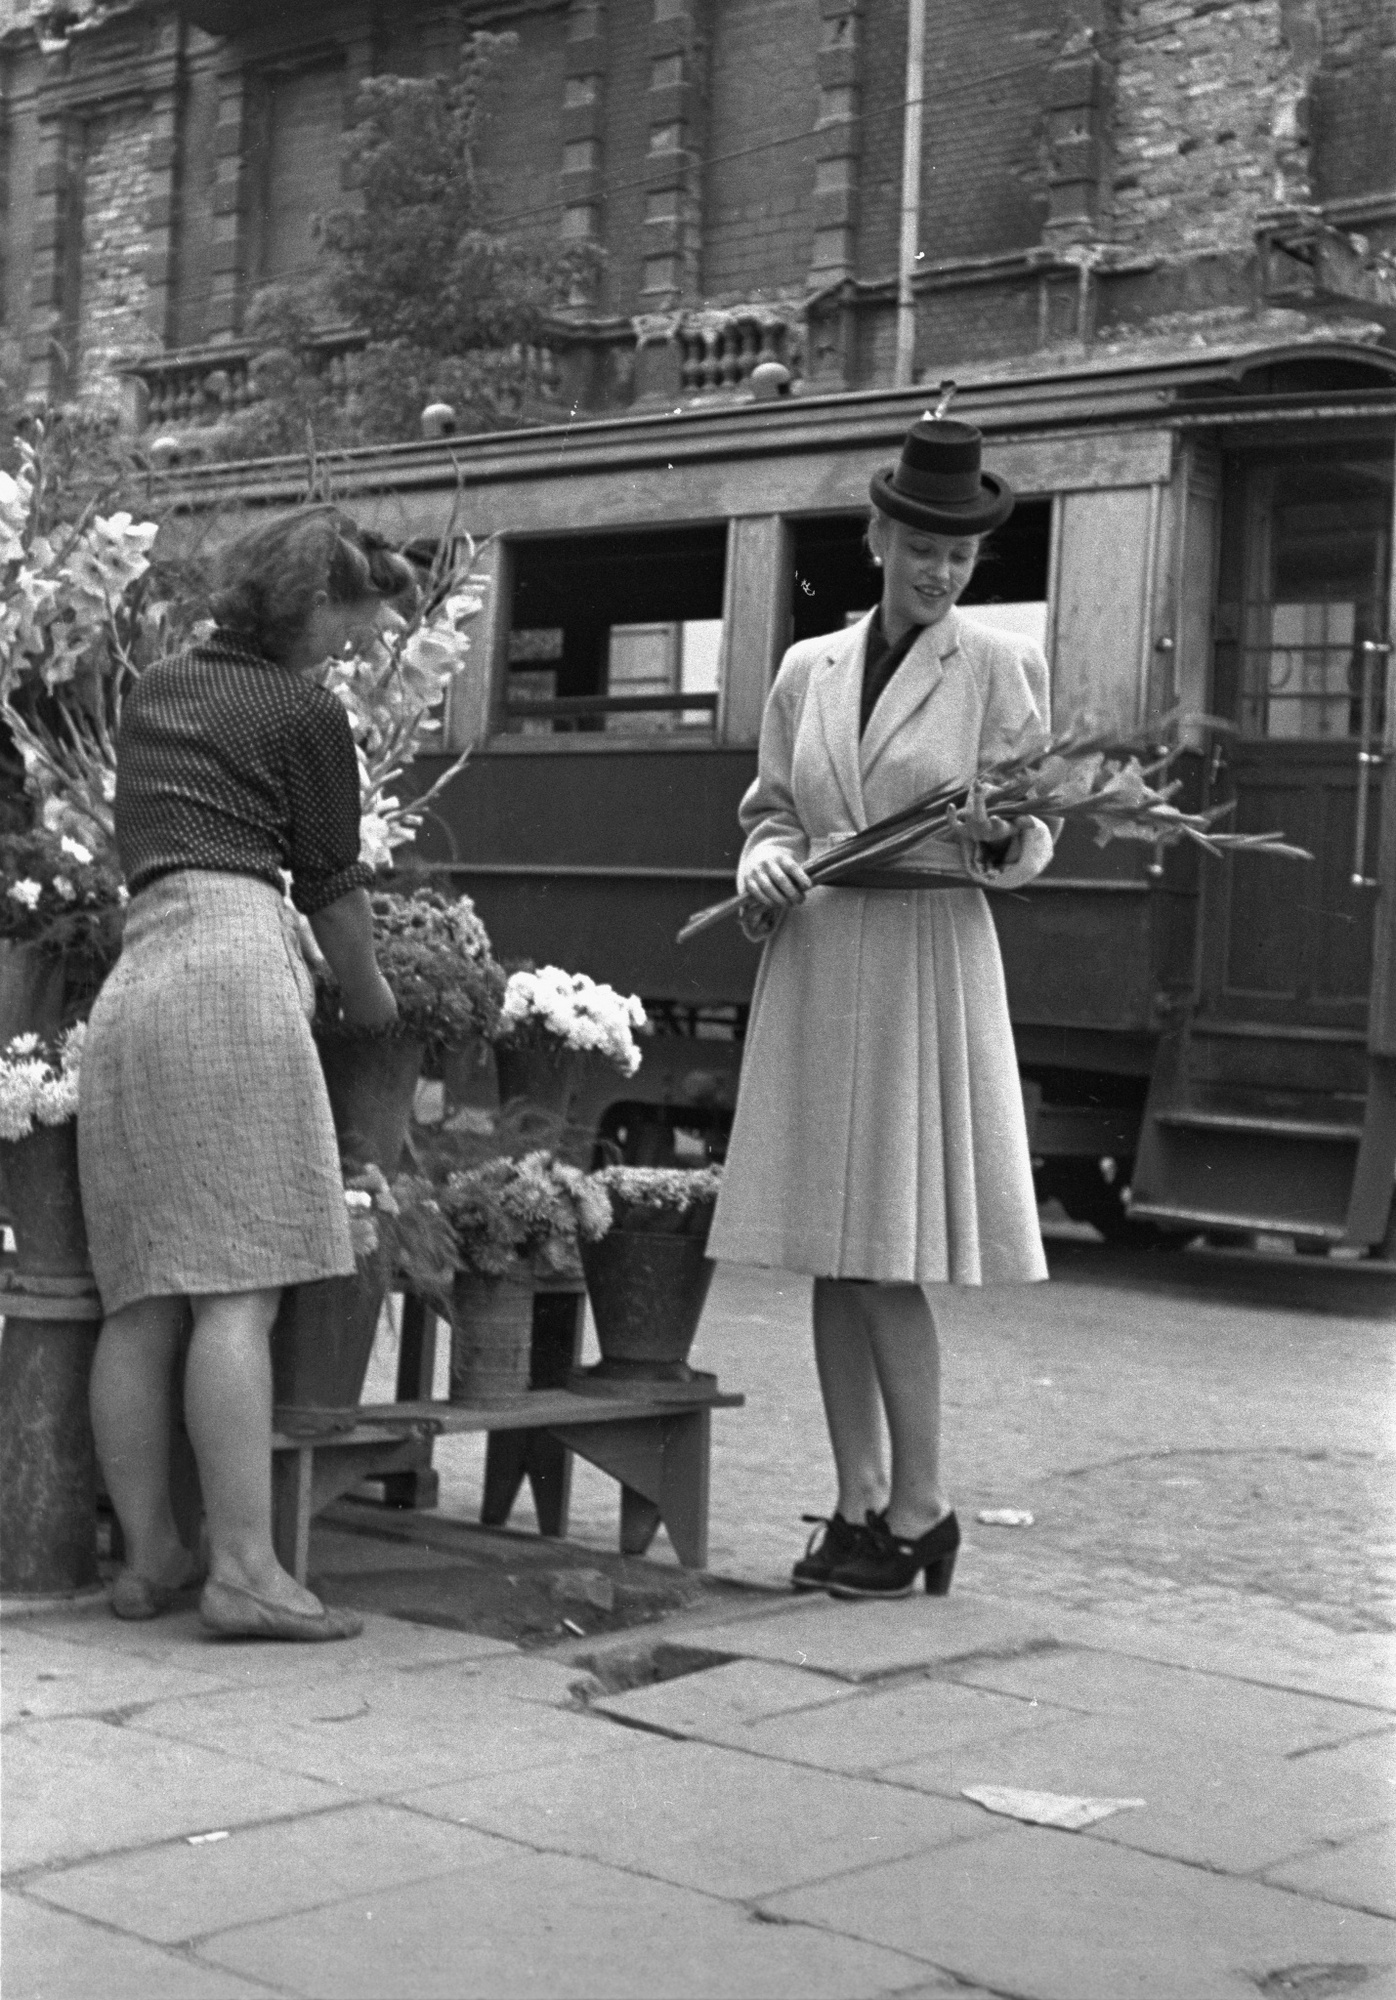 Warszawa, wrzesień 1946. Modelka prezentuje modny strój kobiecy na jesień. Fot. PAP / Jerzy Baranowski (źródło: materiały prasowe)